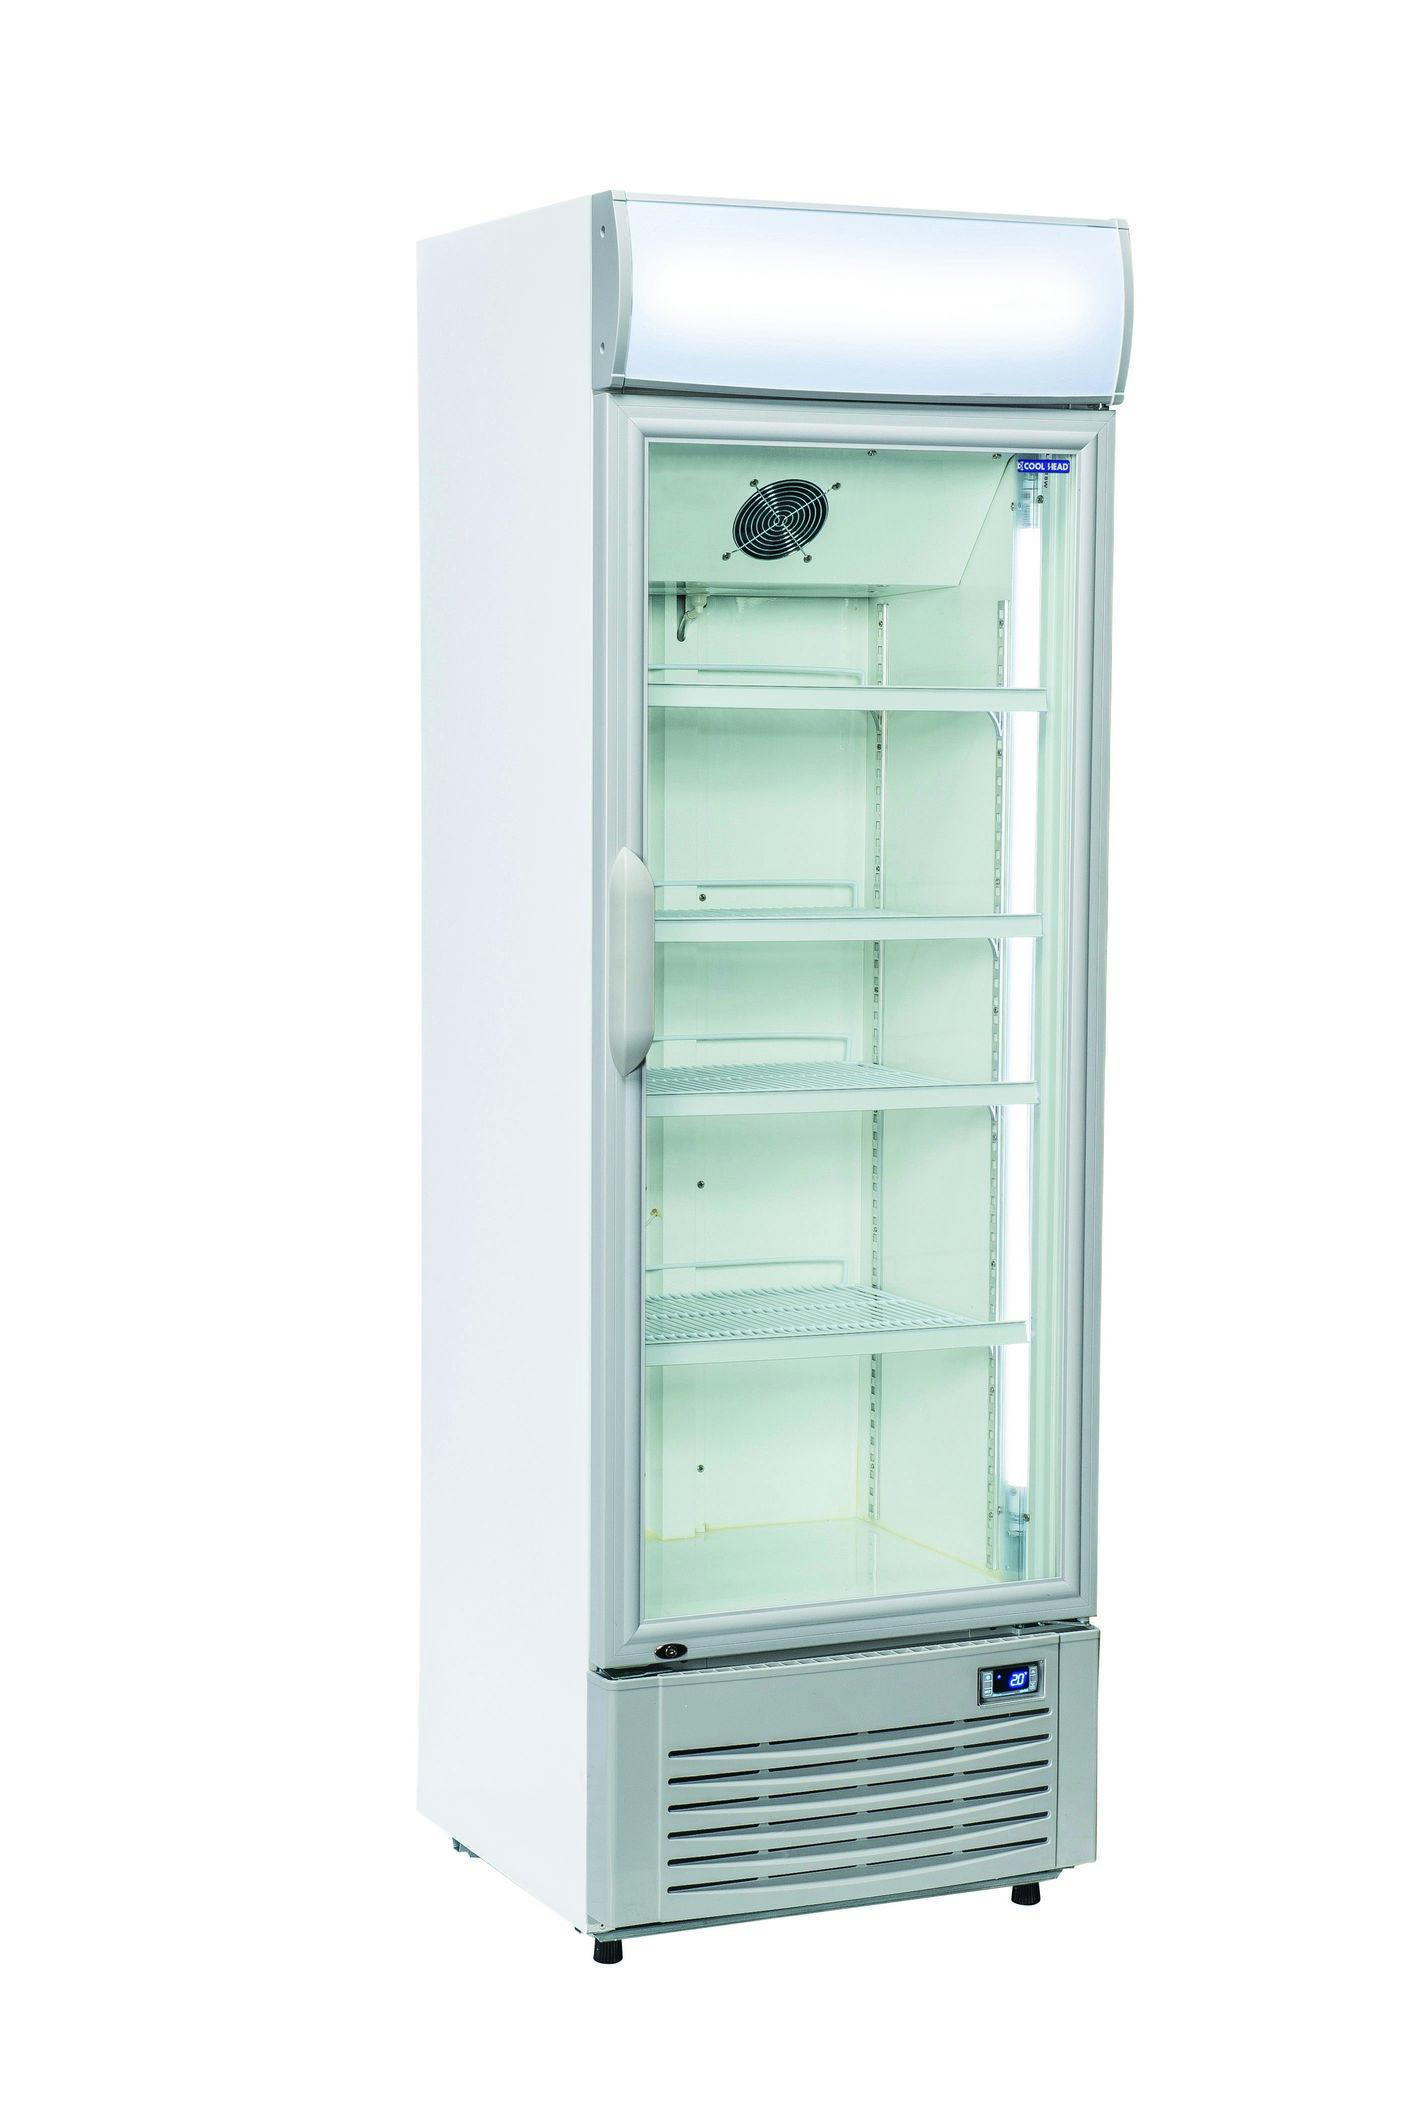 350 literes hűtő, ventilációs hűtéssel, üvegajtós, fehér